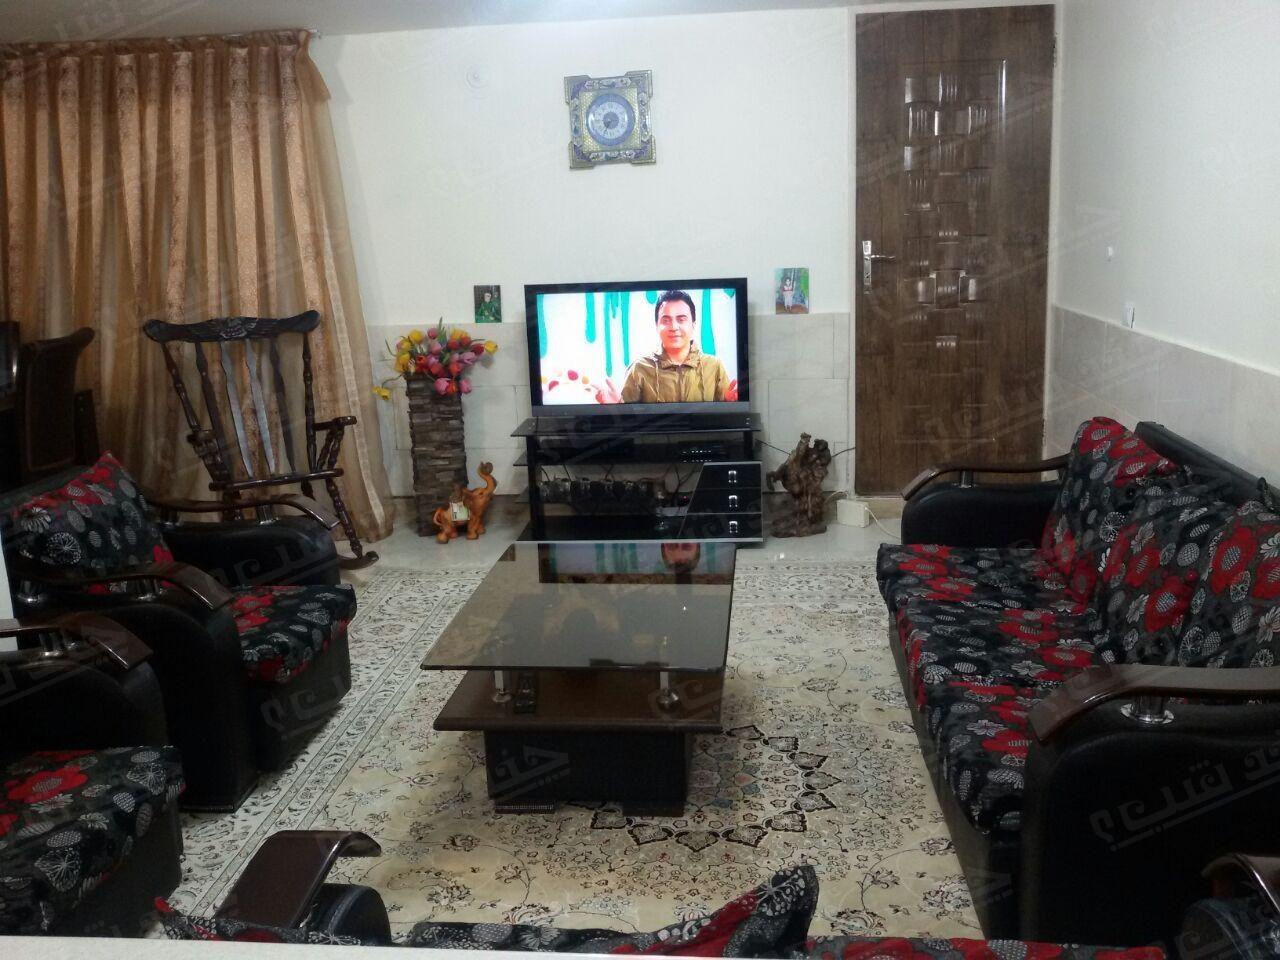 اجاره هفتگی آپارتمان در اصفهان - 297